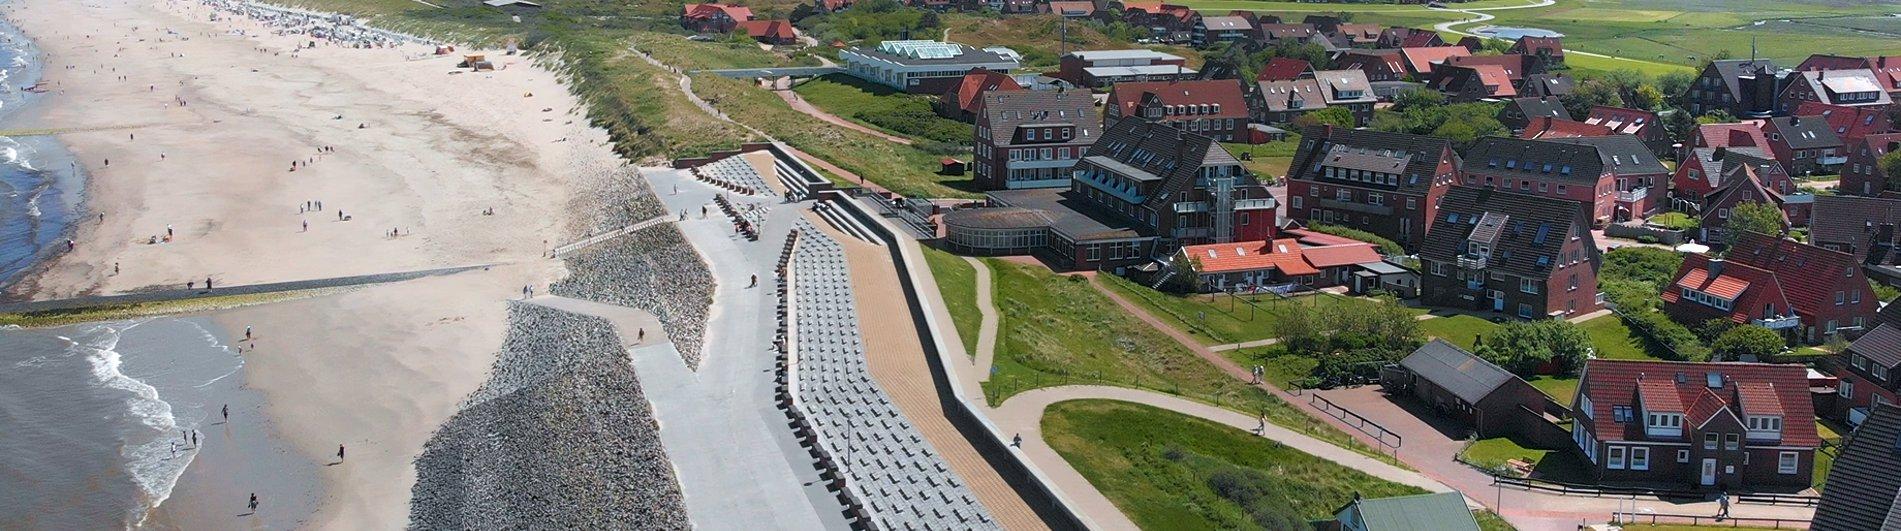 Verfügbarkeit Haus Deichgraf Strandhotel Wietjes